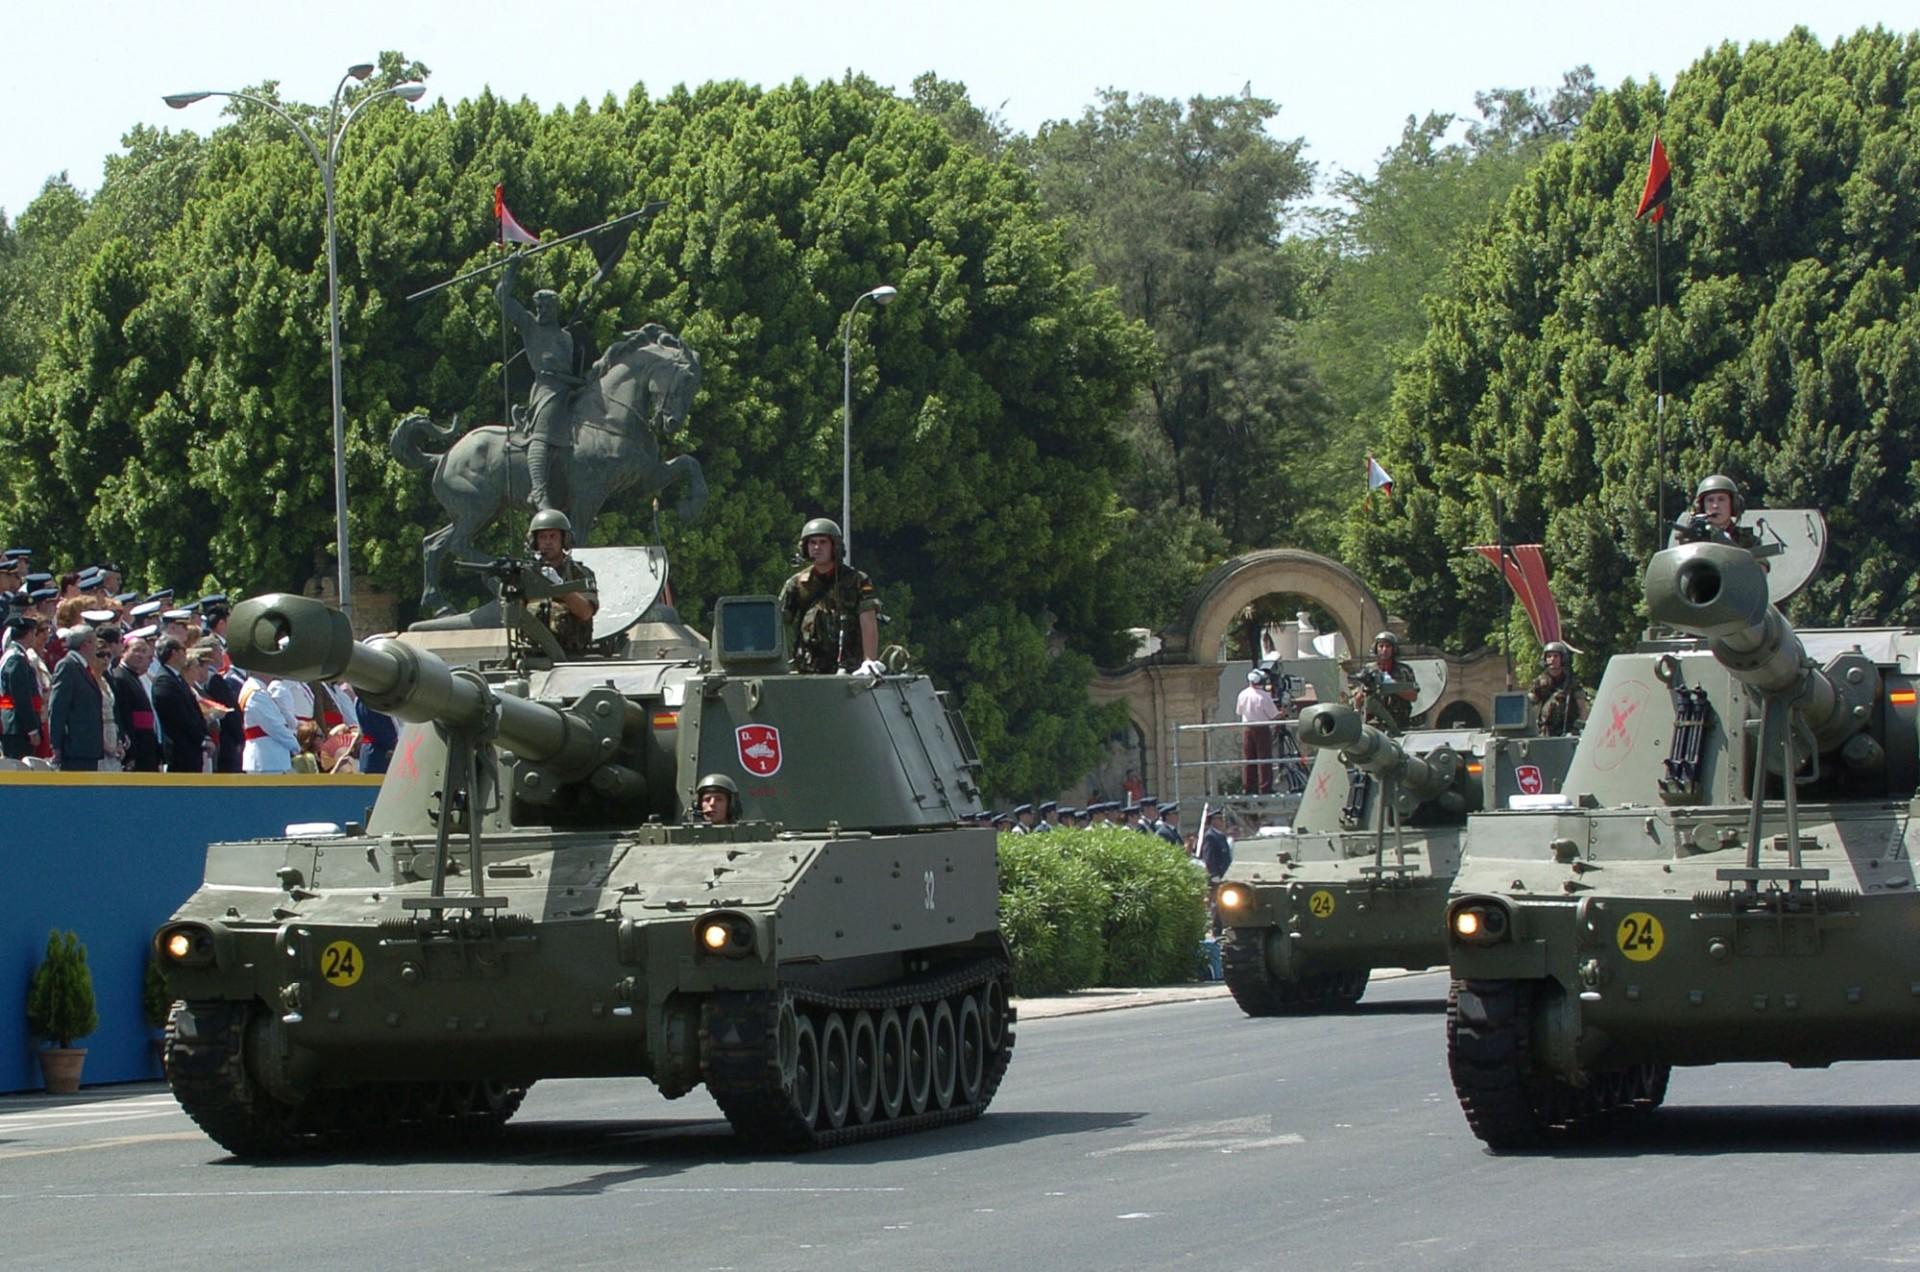 Pieza de artillería autopropulsado desfilando el Día de las Fuerzas Armadas en Sevilla 'mde.es'